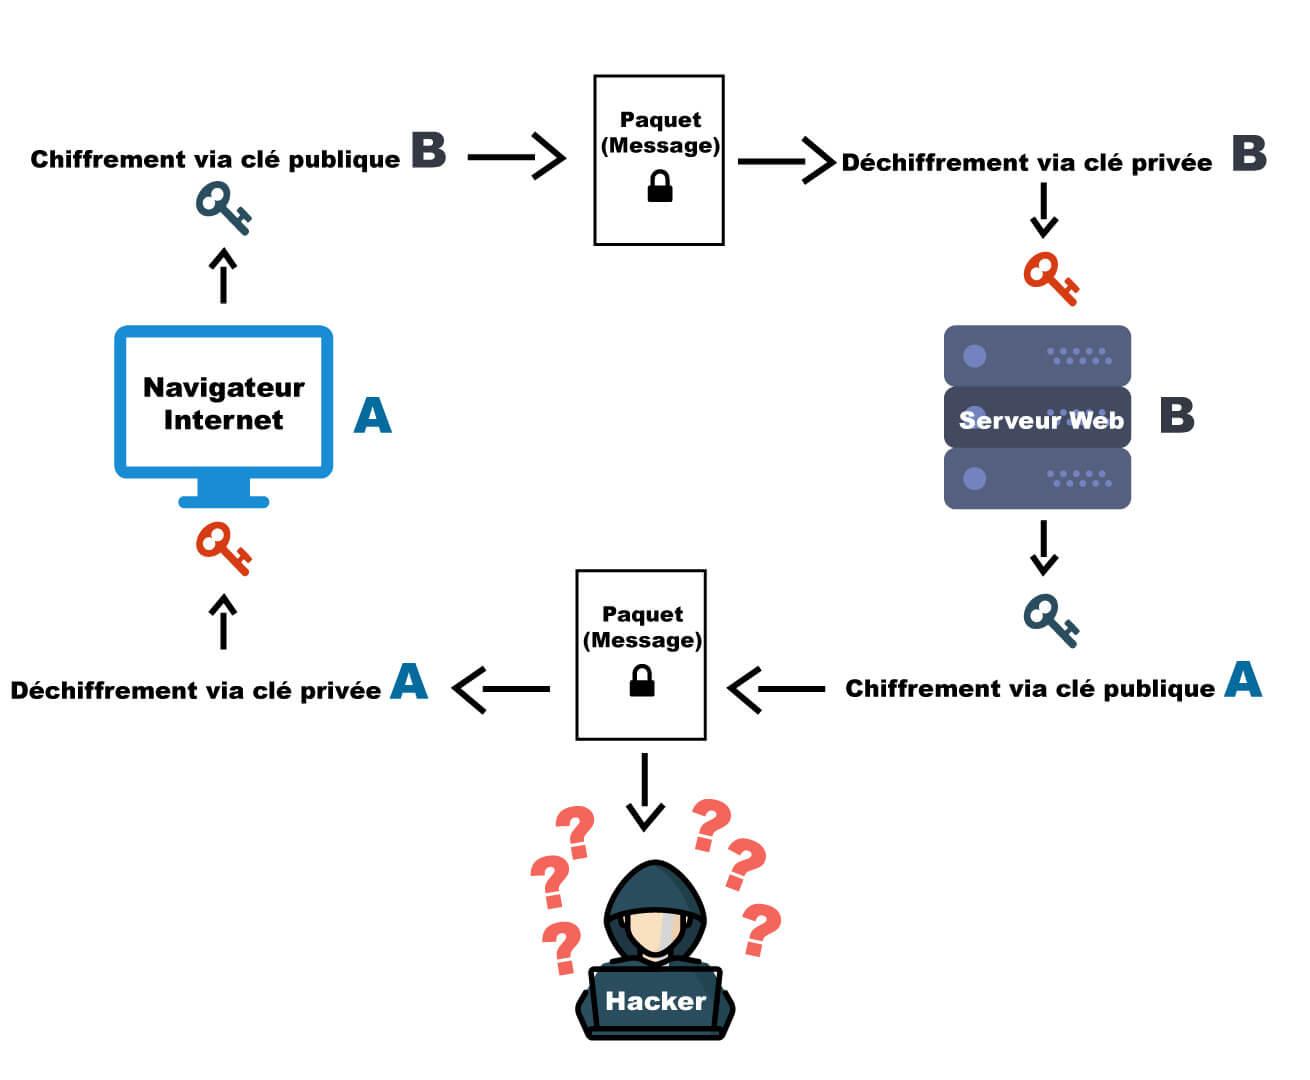 Schema représentant le chiffrement des paquets par le protocole HTTPS